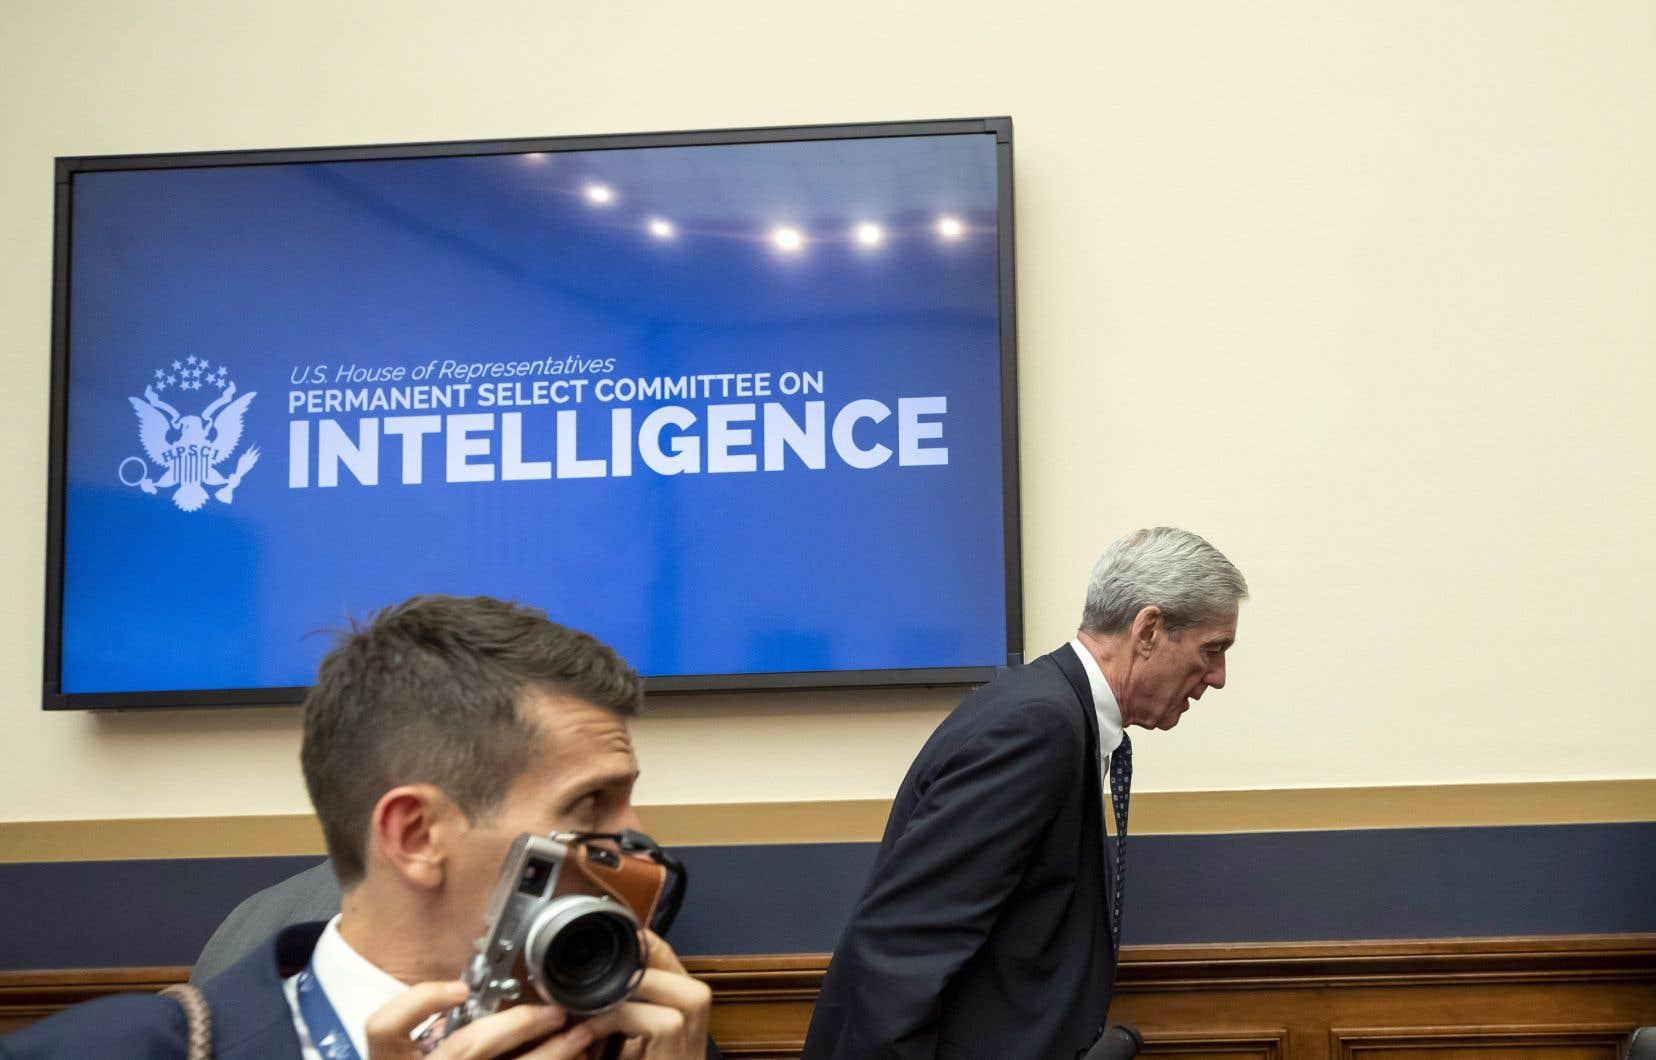 Le rapport Mueller, dévoilé en avril dernier, documentait et confirmait une ingérence de la Russie dans les élections présidentielles américaines de 2016.